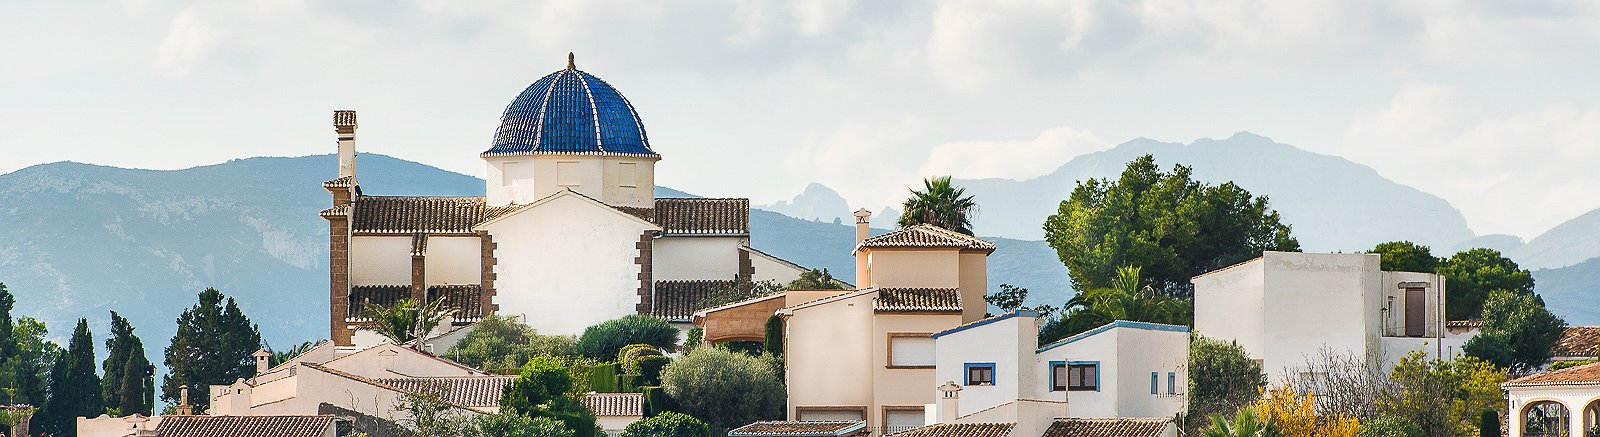 El Brexit podría terminar con el sueño británico de una casa bajo sol español